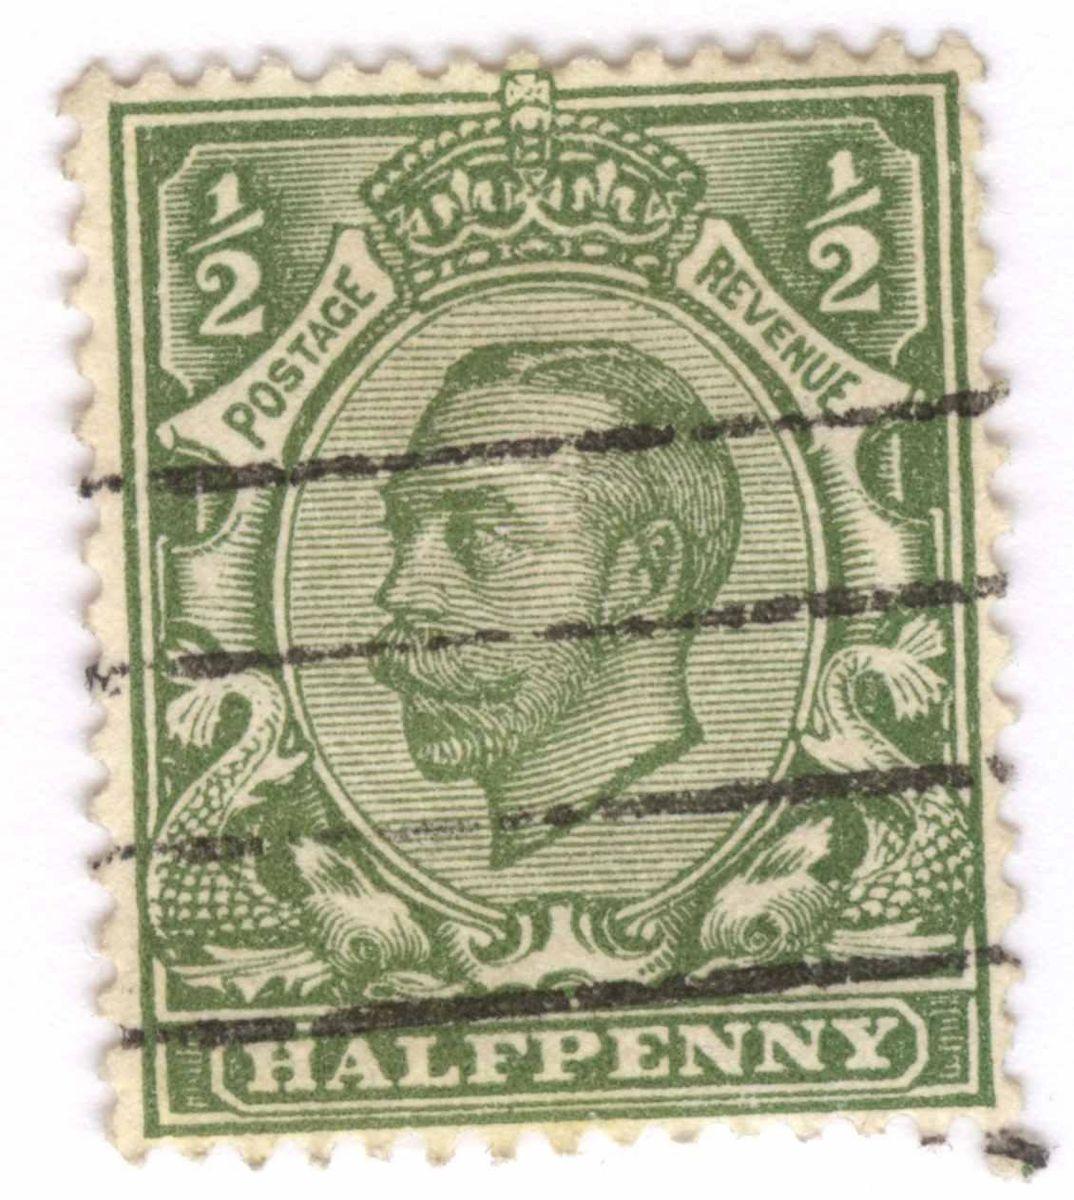 КП-6580-6 Марка почтовая королевства Великобритании